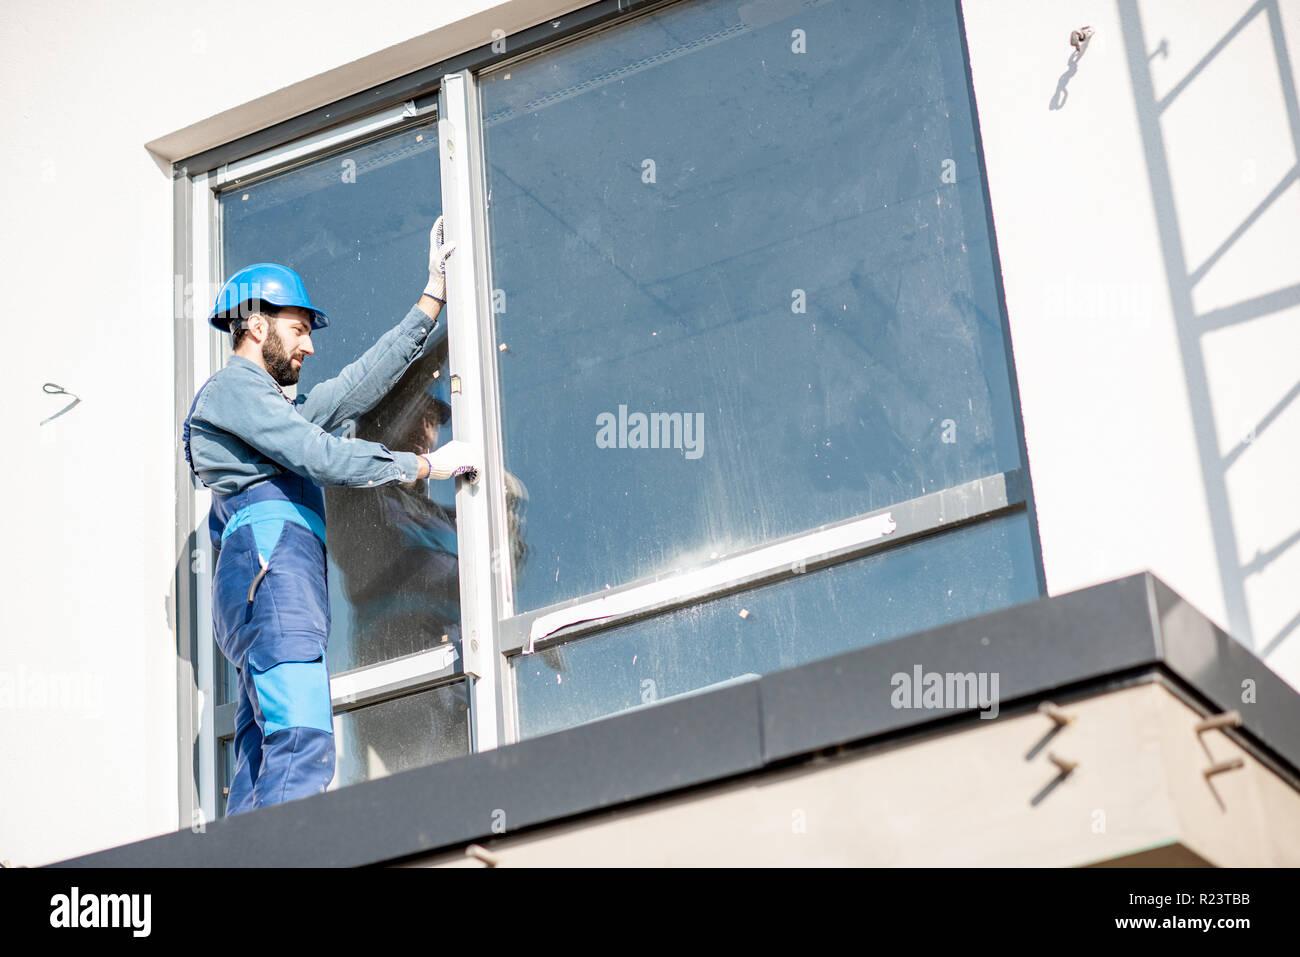 163bfd4bb8 Montaje uniforme obrero en windows control del plano vertical de pie en el  balcón del edificio